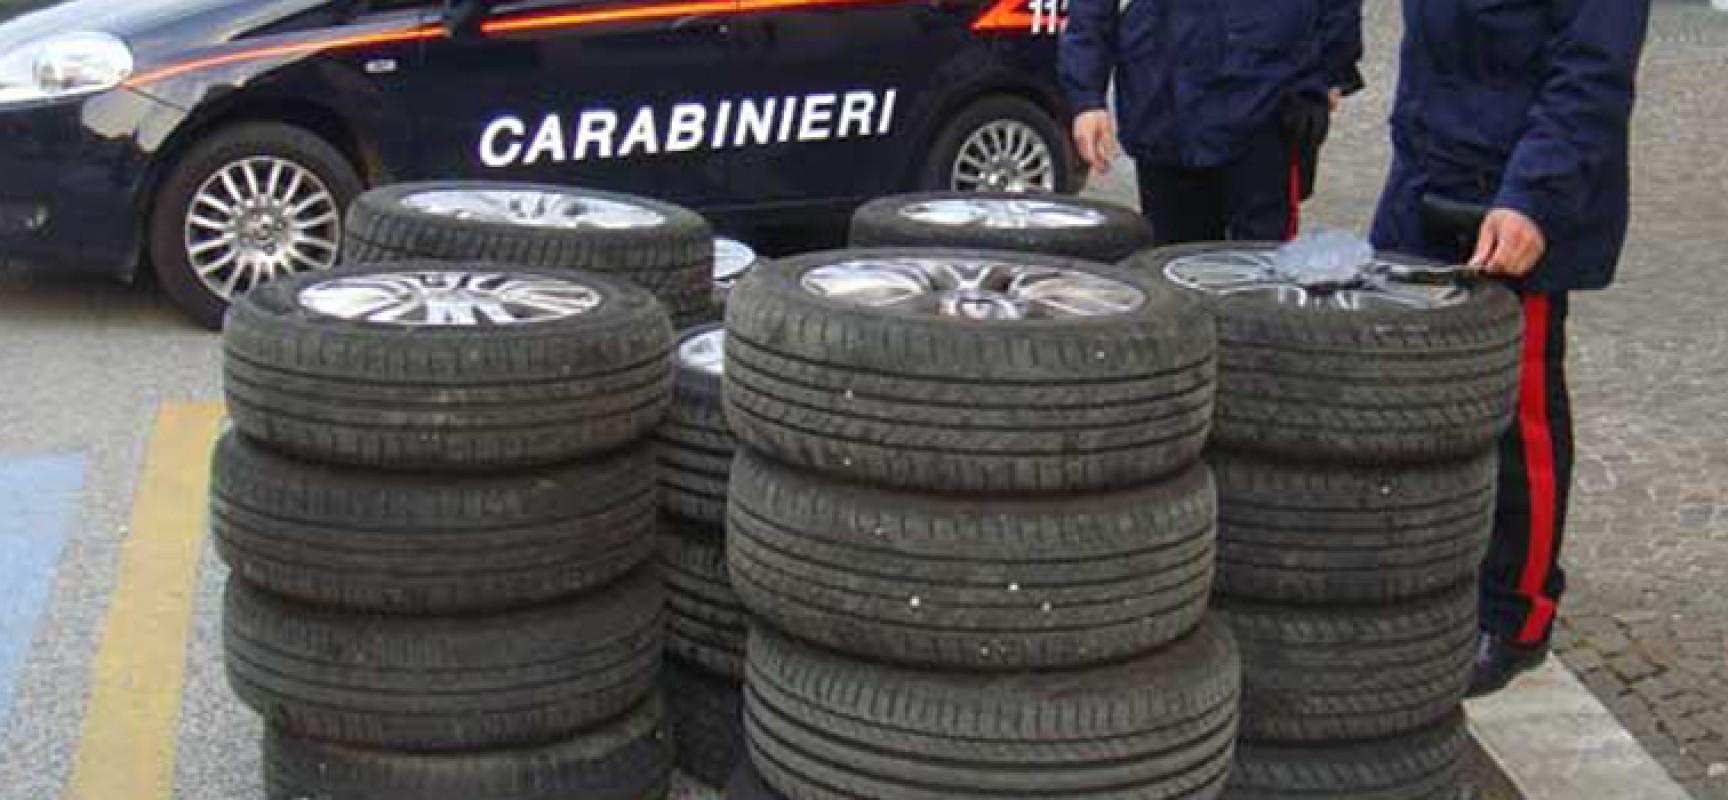 Ruba carico di gomme sulla A14: intercettato dai carabinieri fugge via